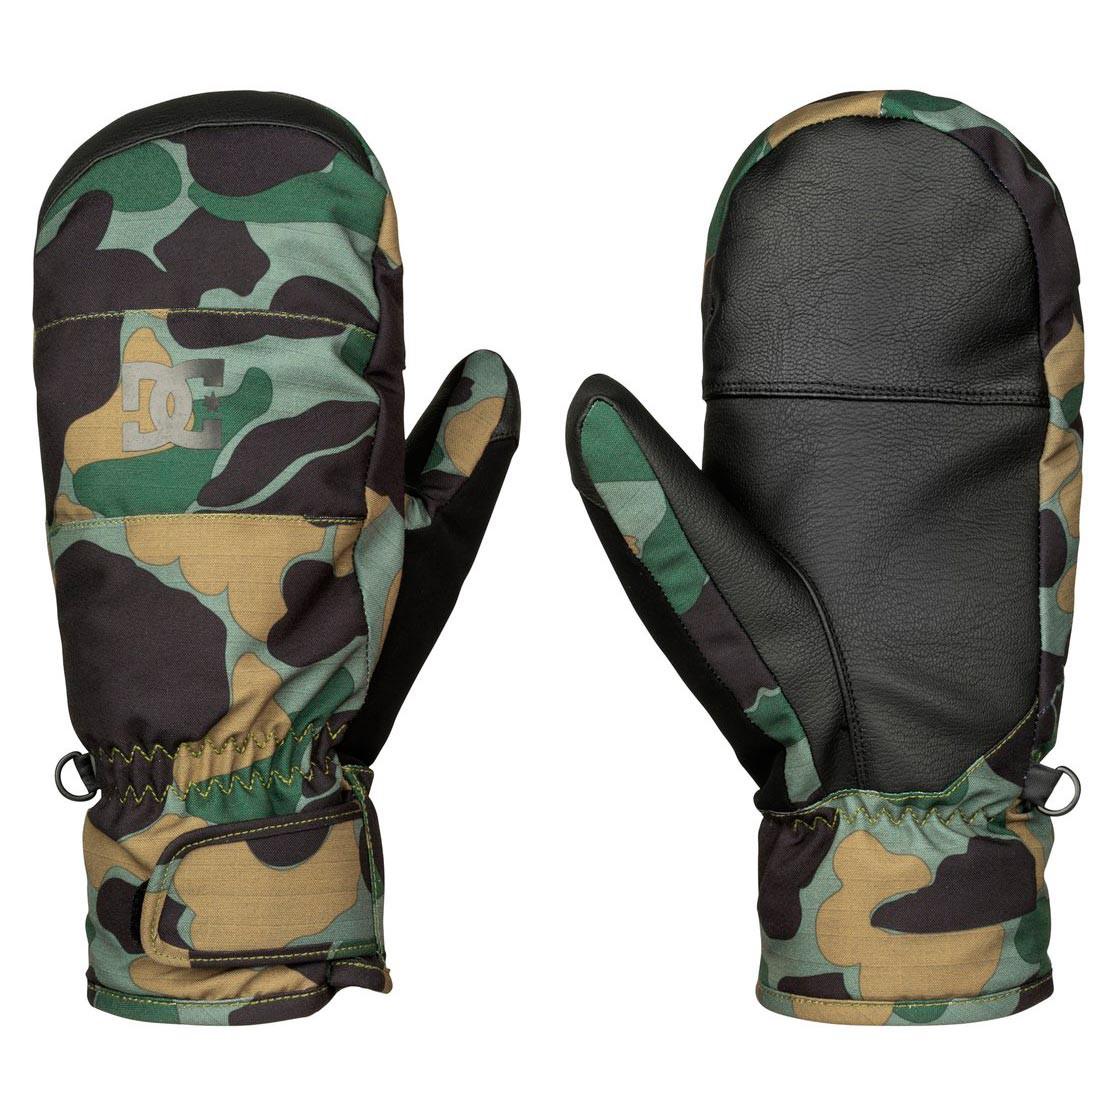 Rukavice DC Seger Mitt camouflage lodge men vel.S 16/17 + doručení do 24 hodin